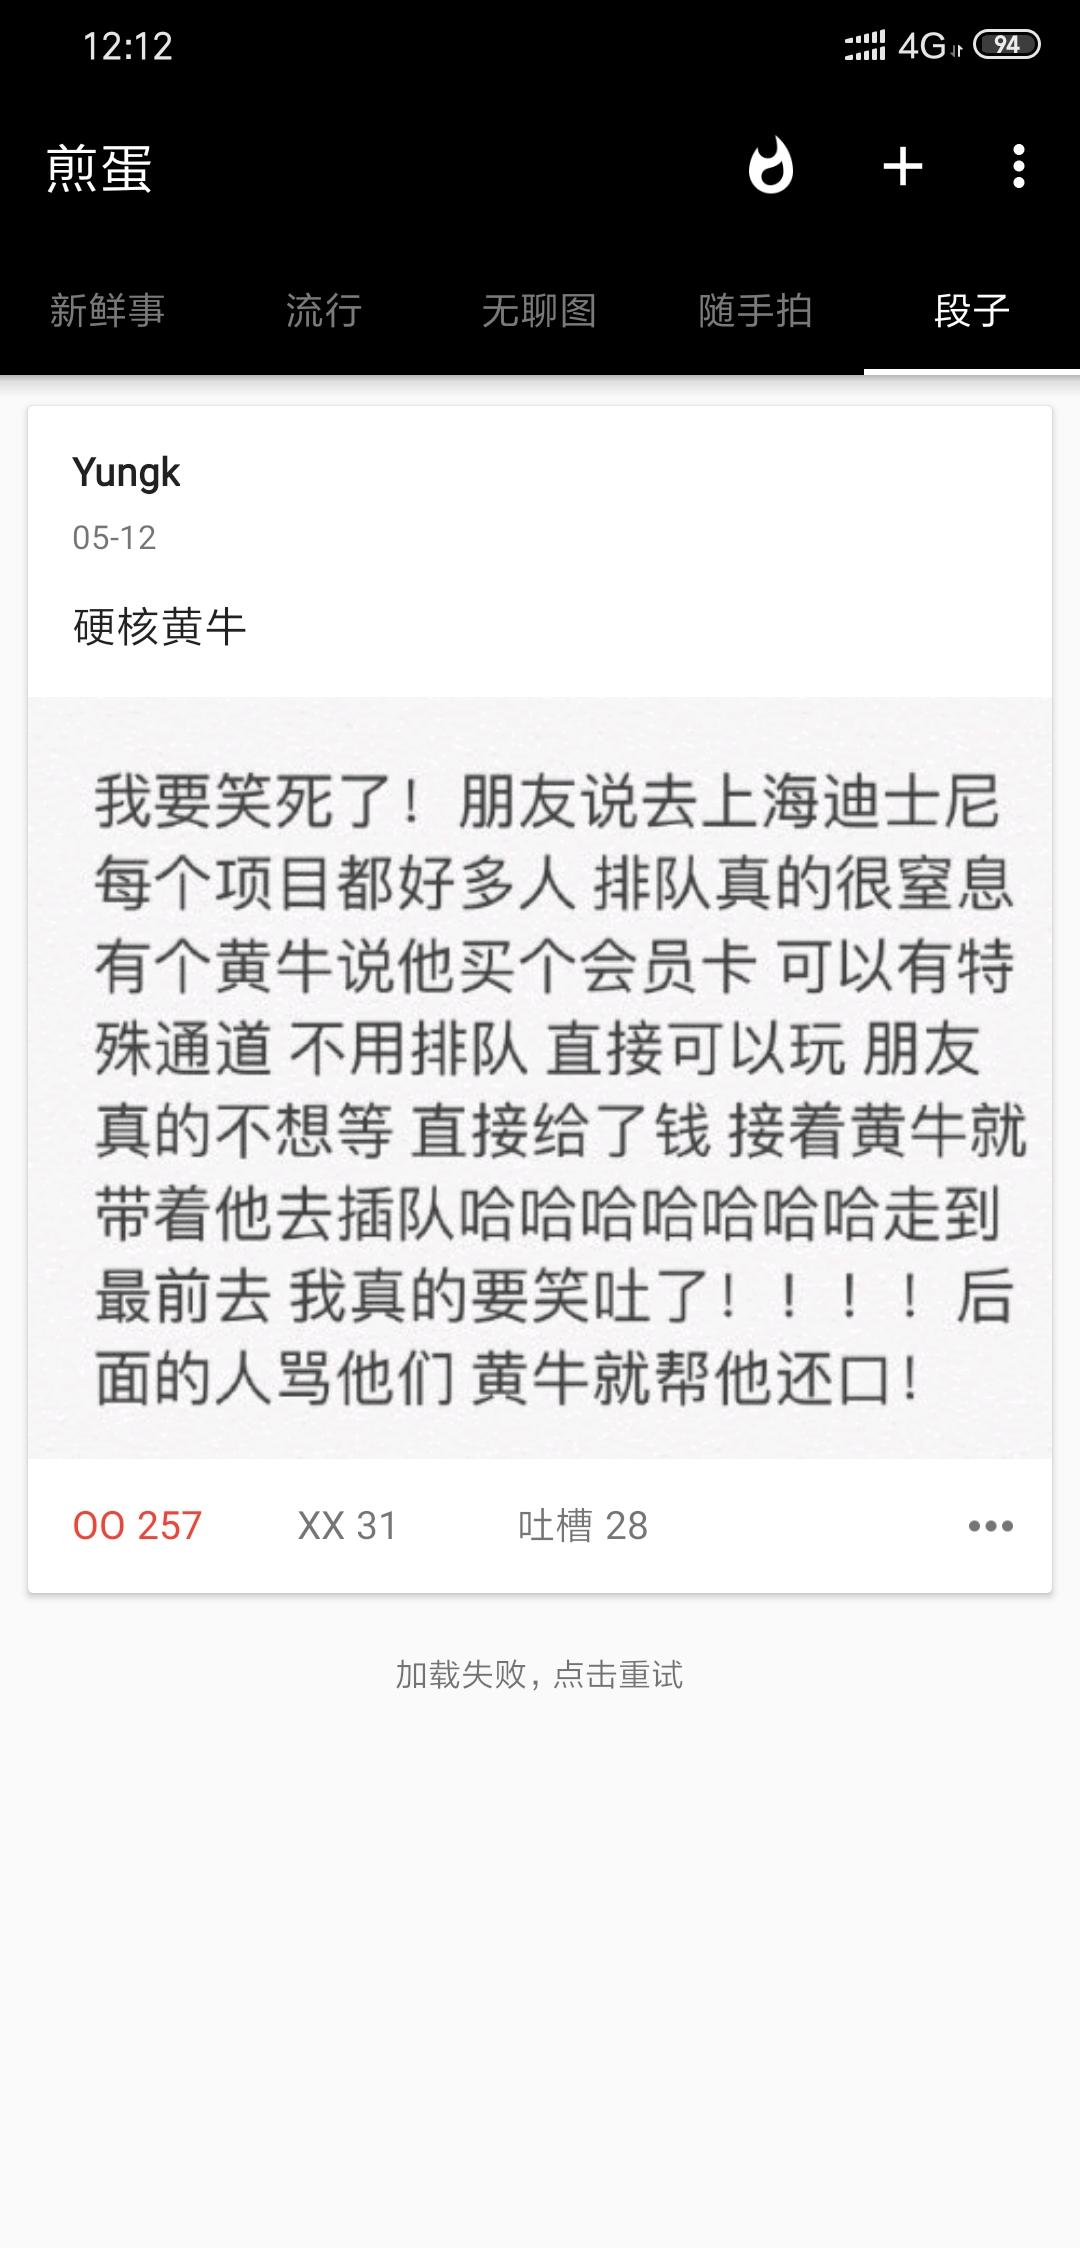 热门视频图片段子福利第84期:陕北民歌  福利社吧  图109